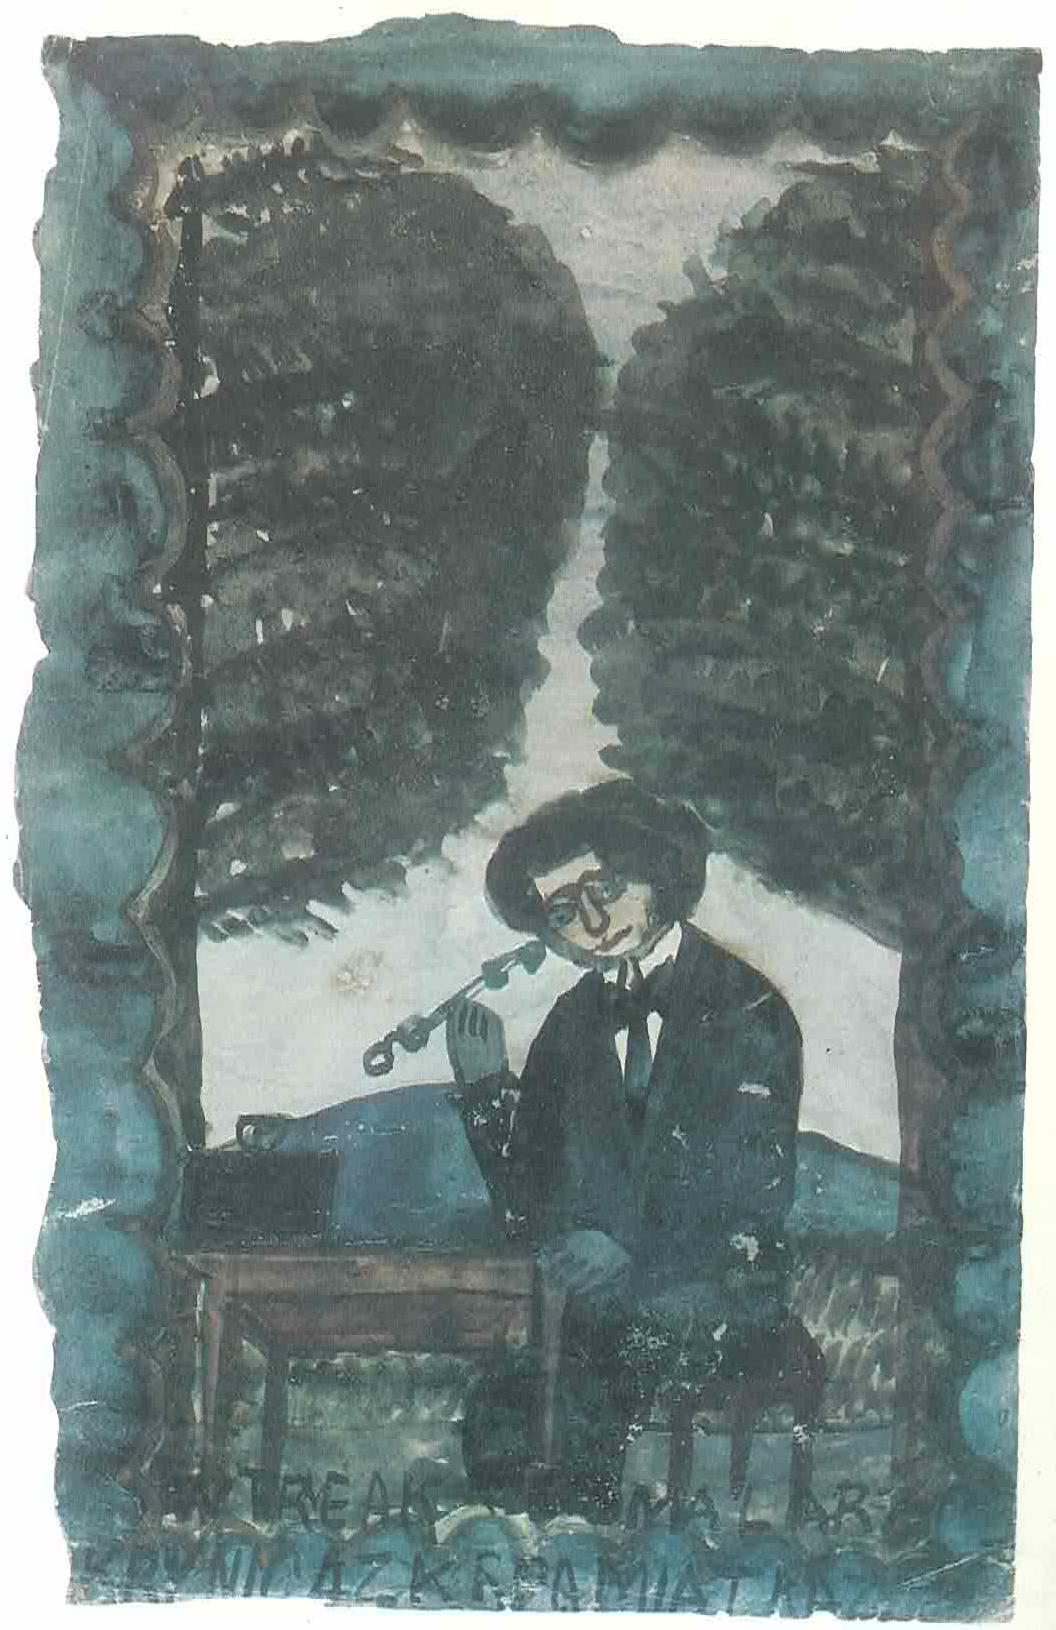 """Nikifor (1895 - 1968) """"Autoportret pod drzewami"""", źródło: A.Banach, """"Nikifor"""", Wydawnictwo Arkady, 1983"""